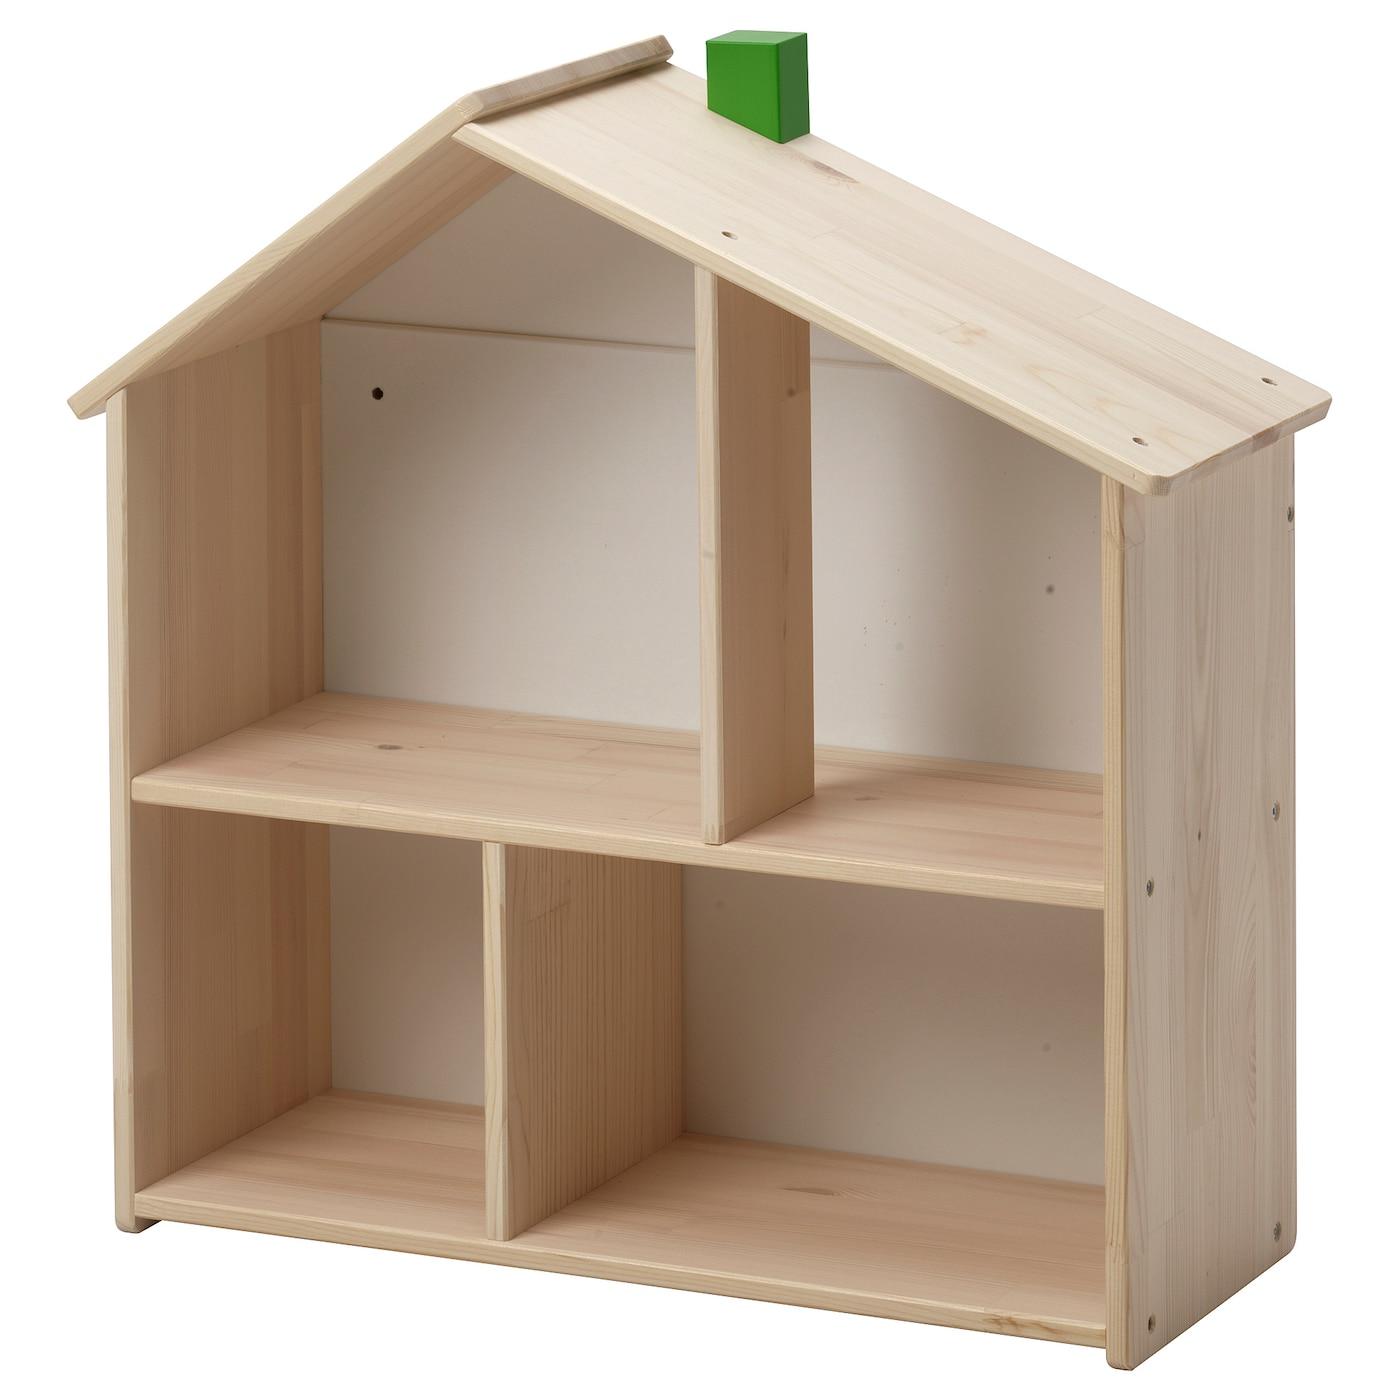 Flisat Maison De Poupee Etagere Murale Ikea